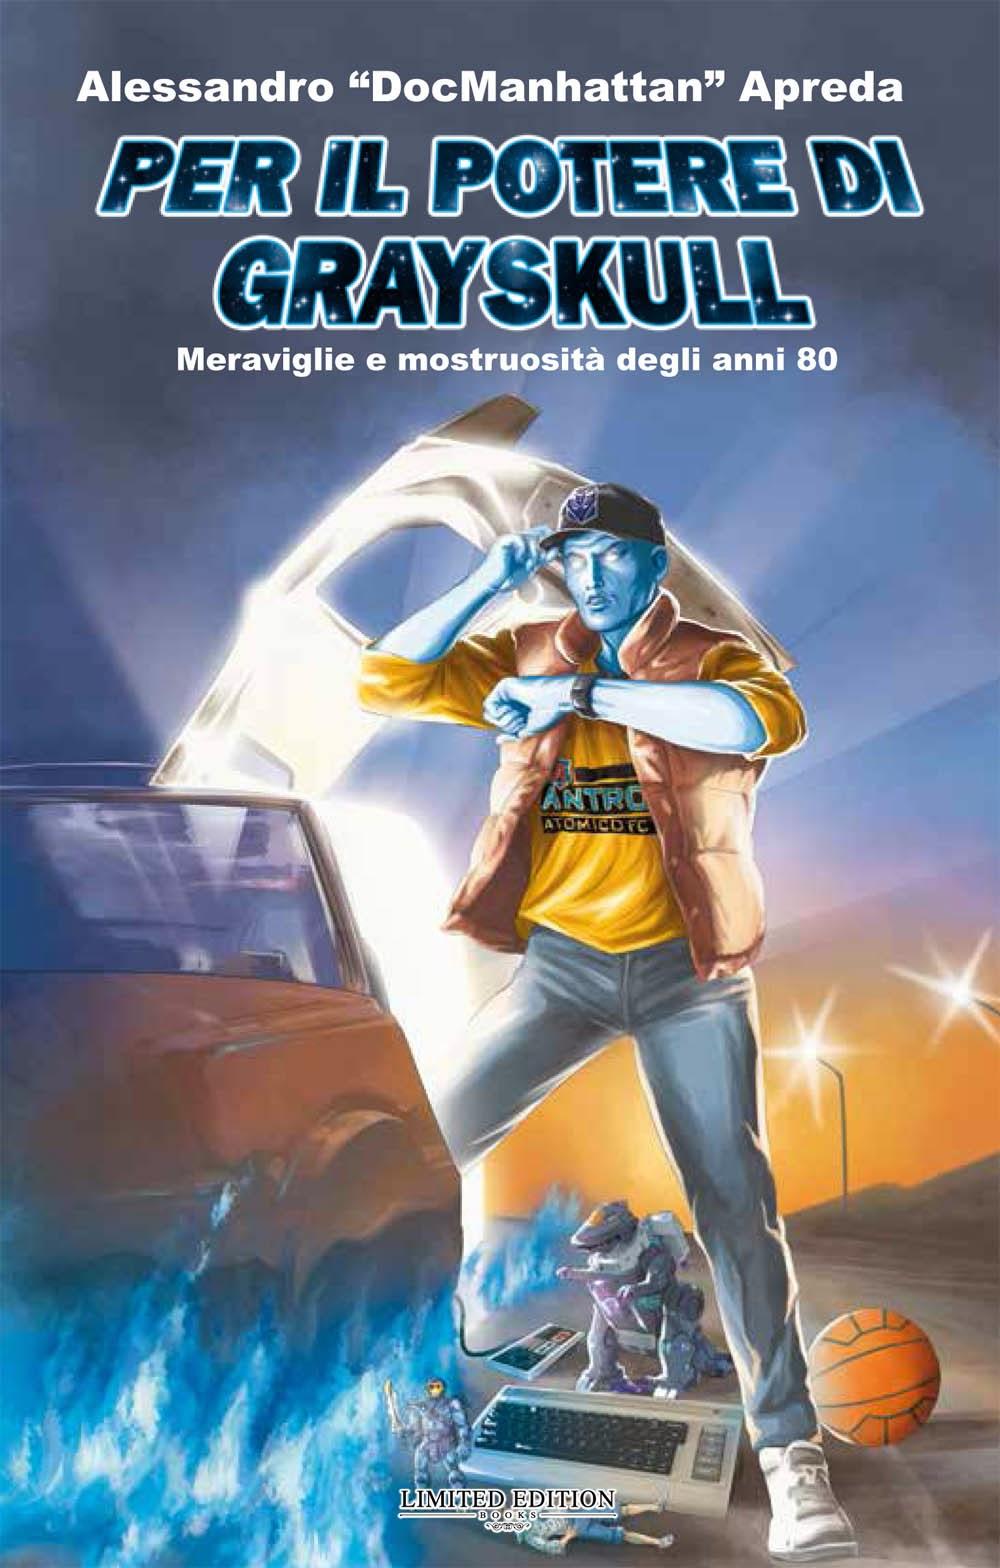 Per il Potere di Grayskull libro anni 80 DocManhattan Edizione Atomica